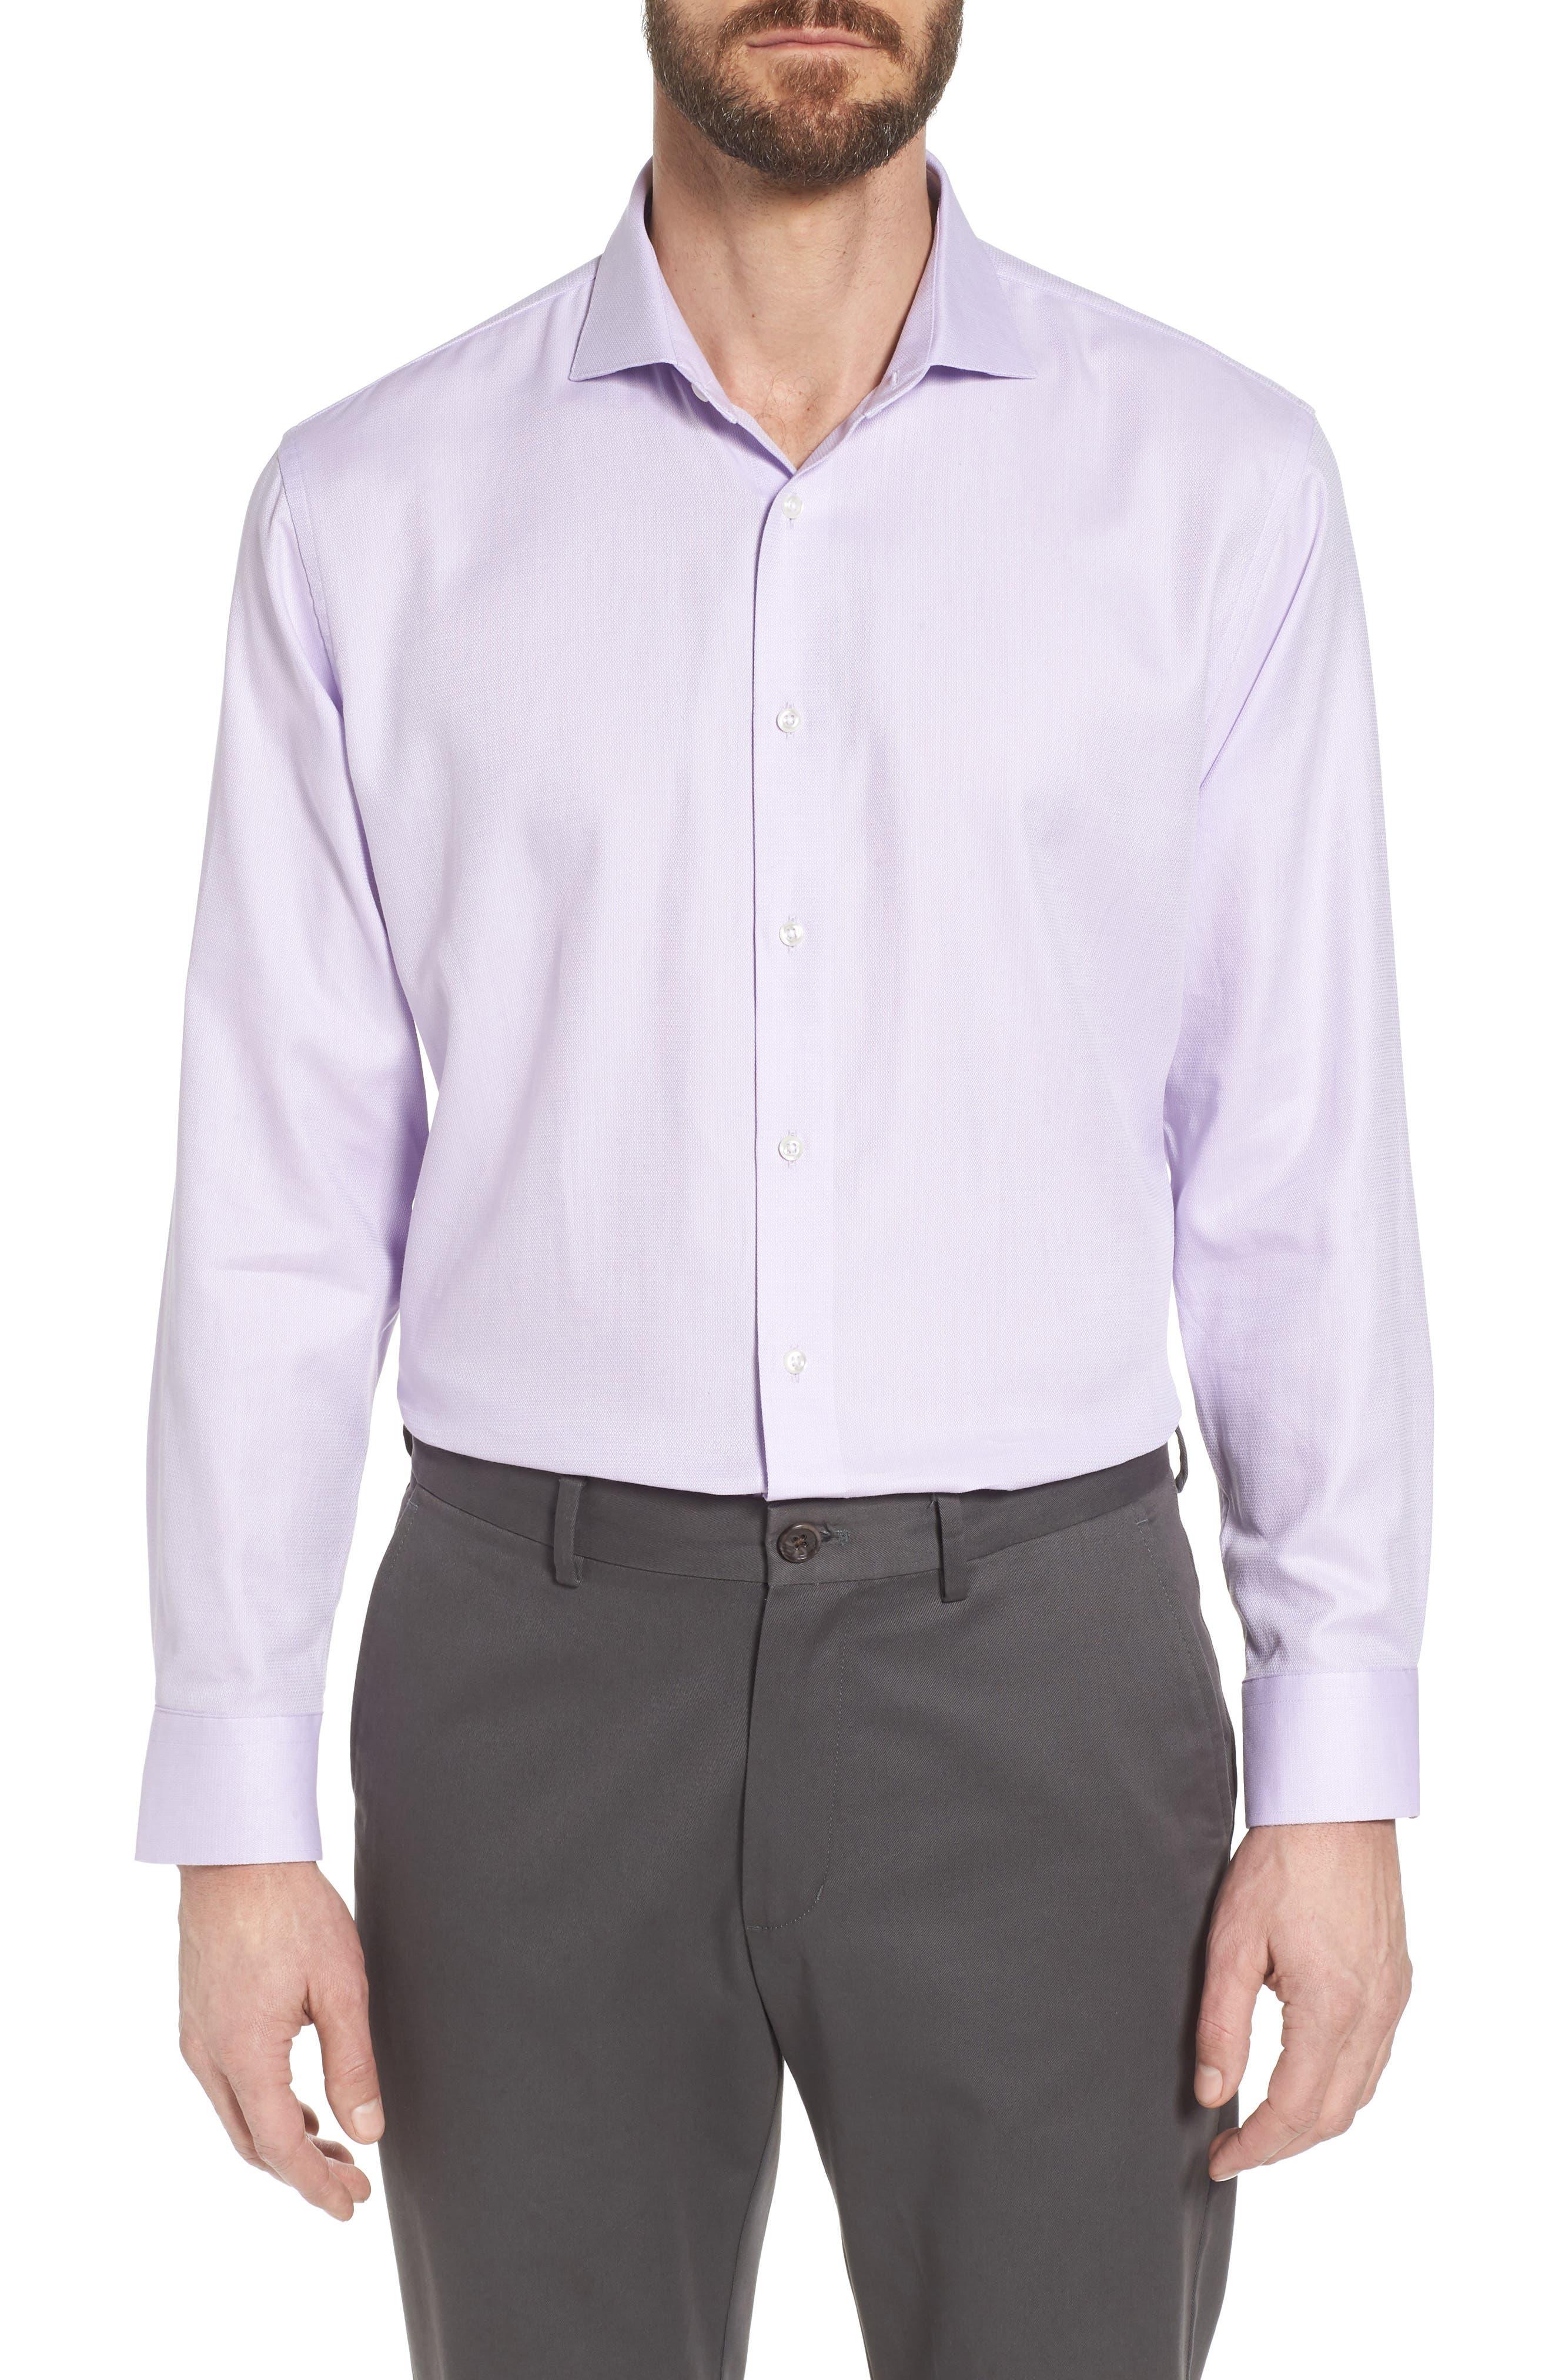 Trim Fit Solid Dress Shirt,                             Main thumbnail 1, color,                             530